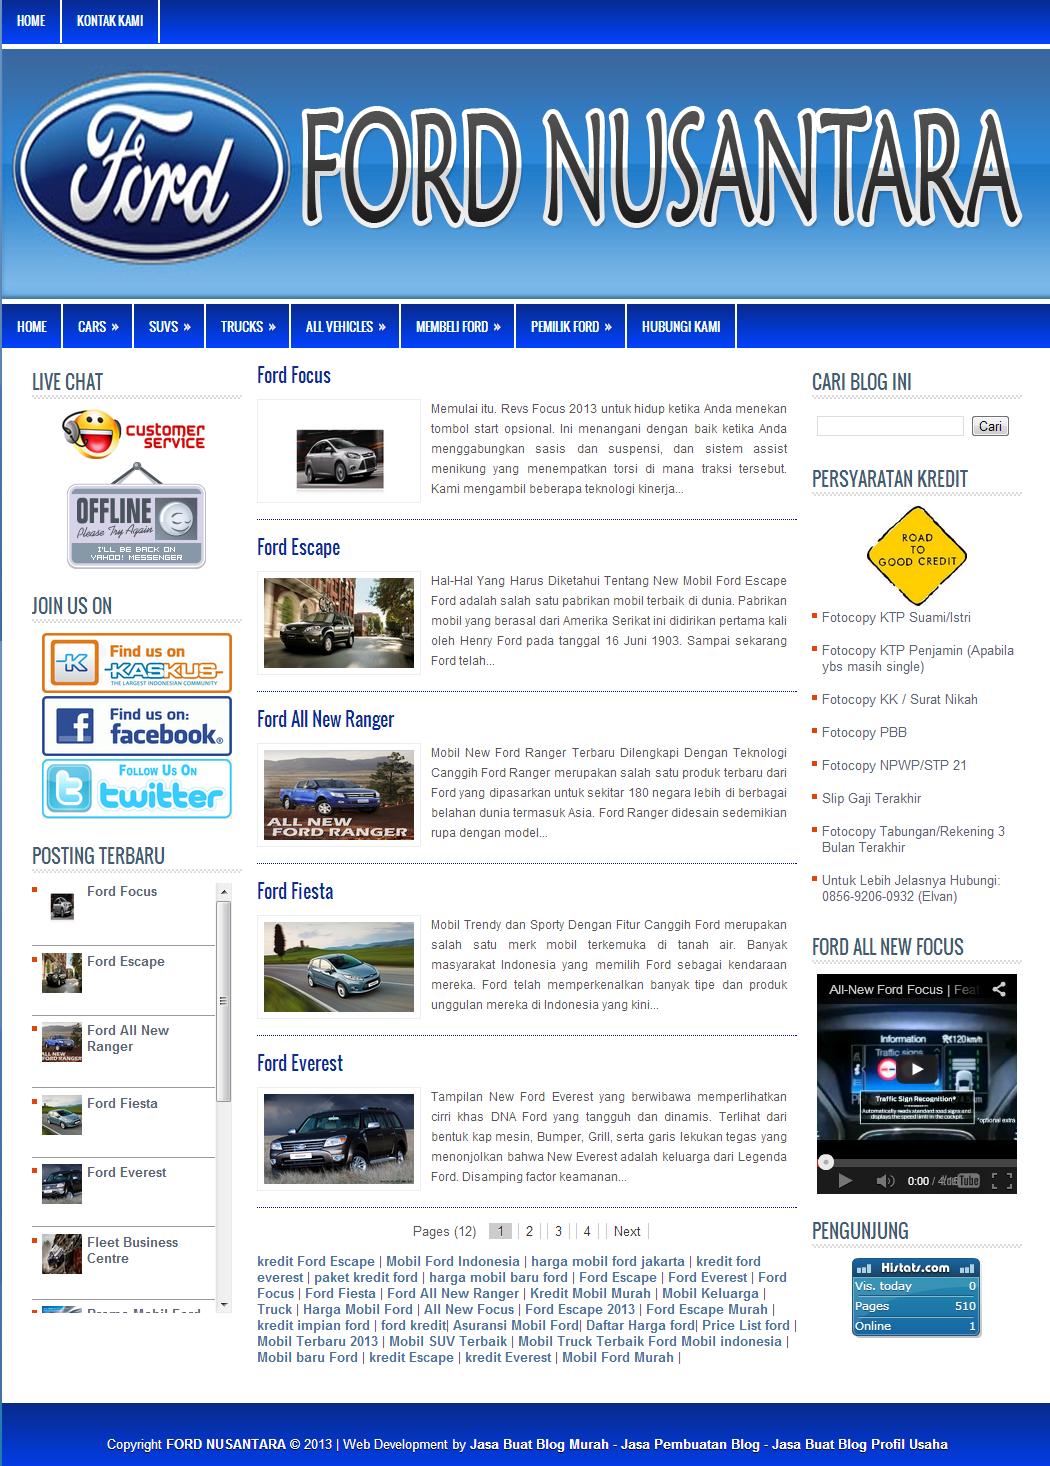 Jasa Pembuatan Blog Dealer Mobil